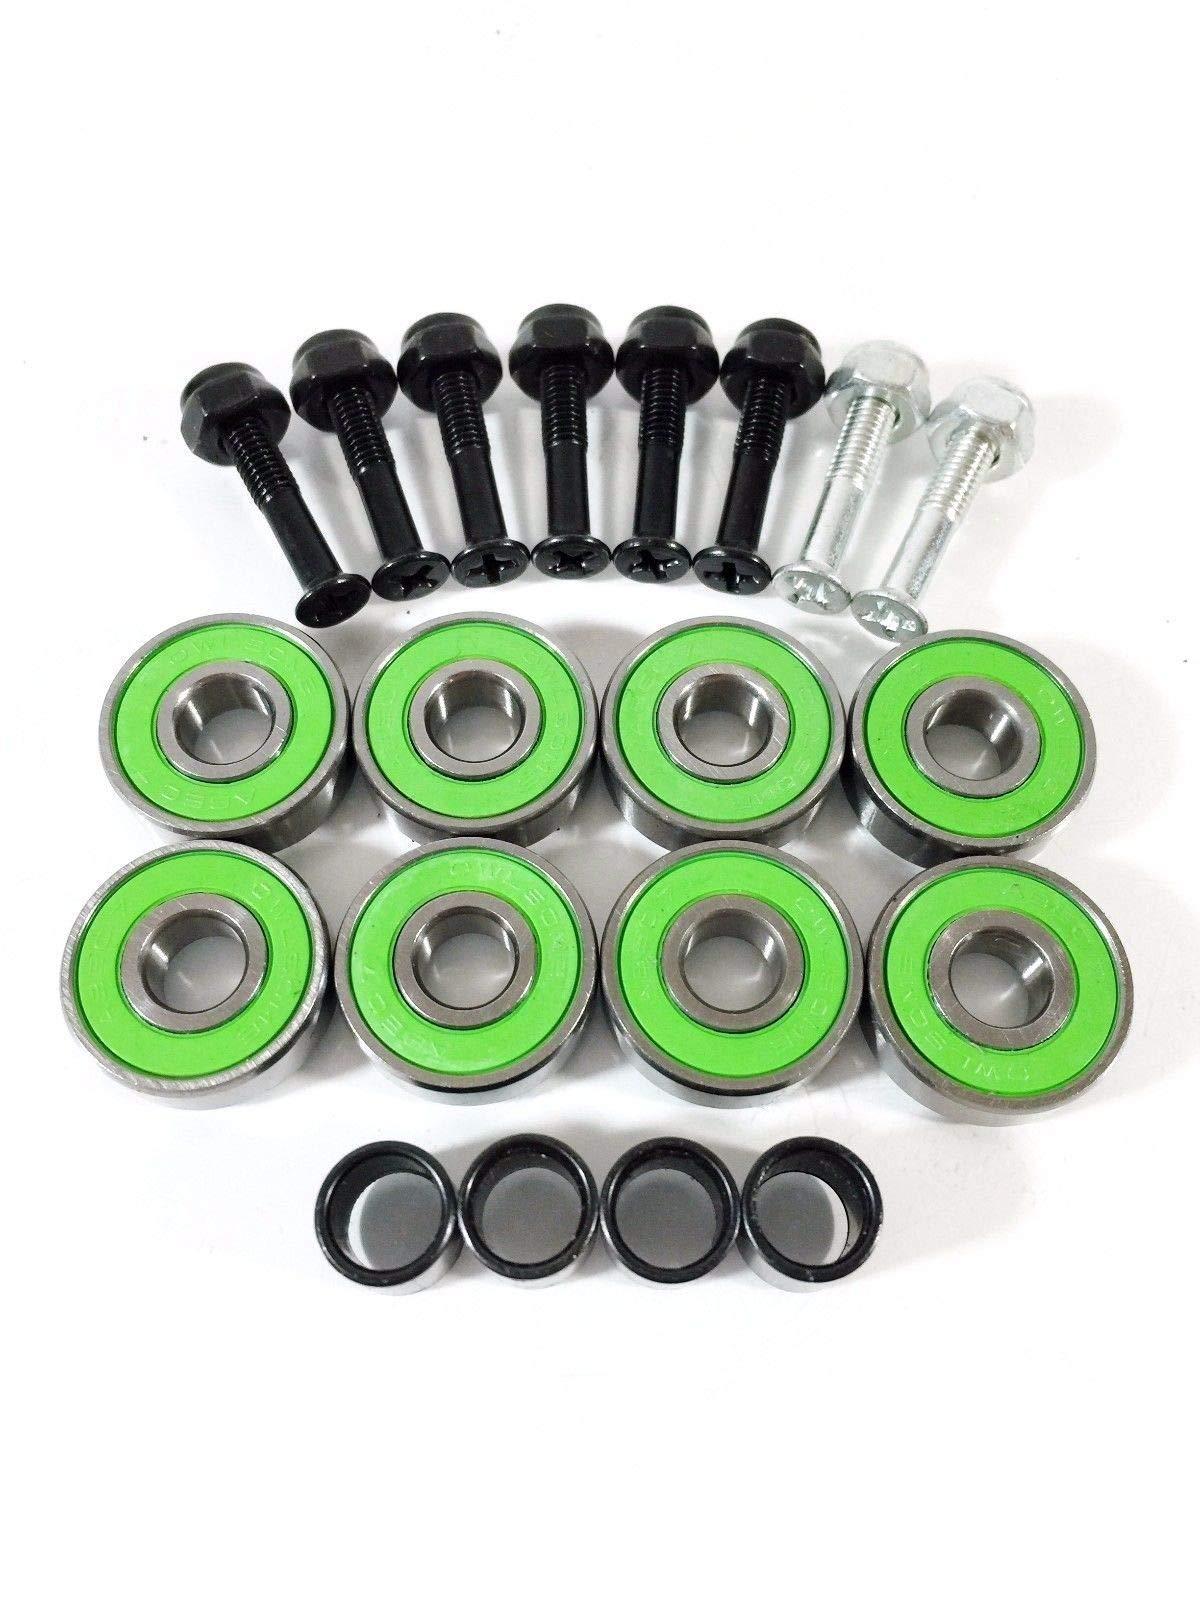 Green 8 Pc ABEC 7 Skateboard 608 Bearings + Spacers + 1'' Hardware